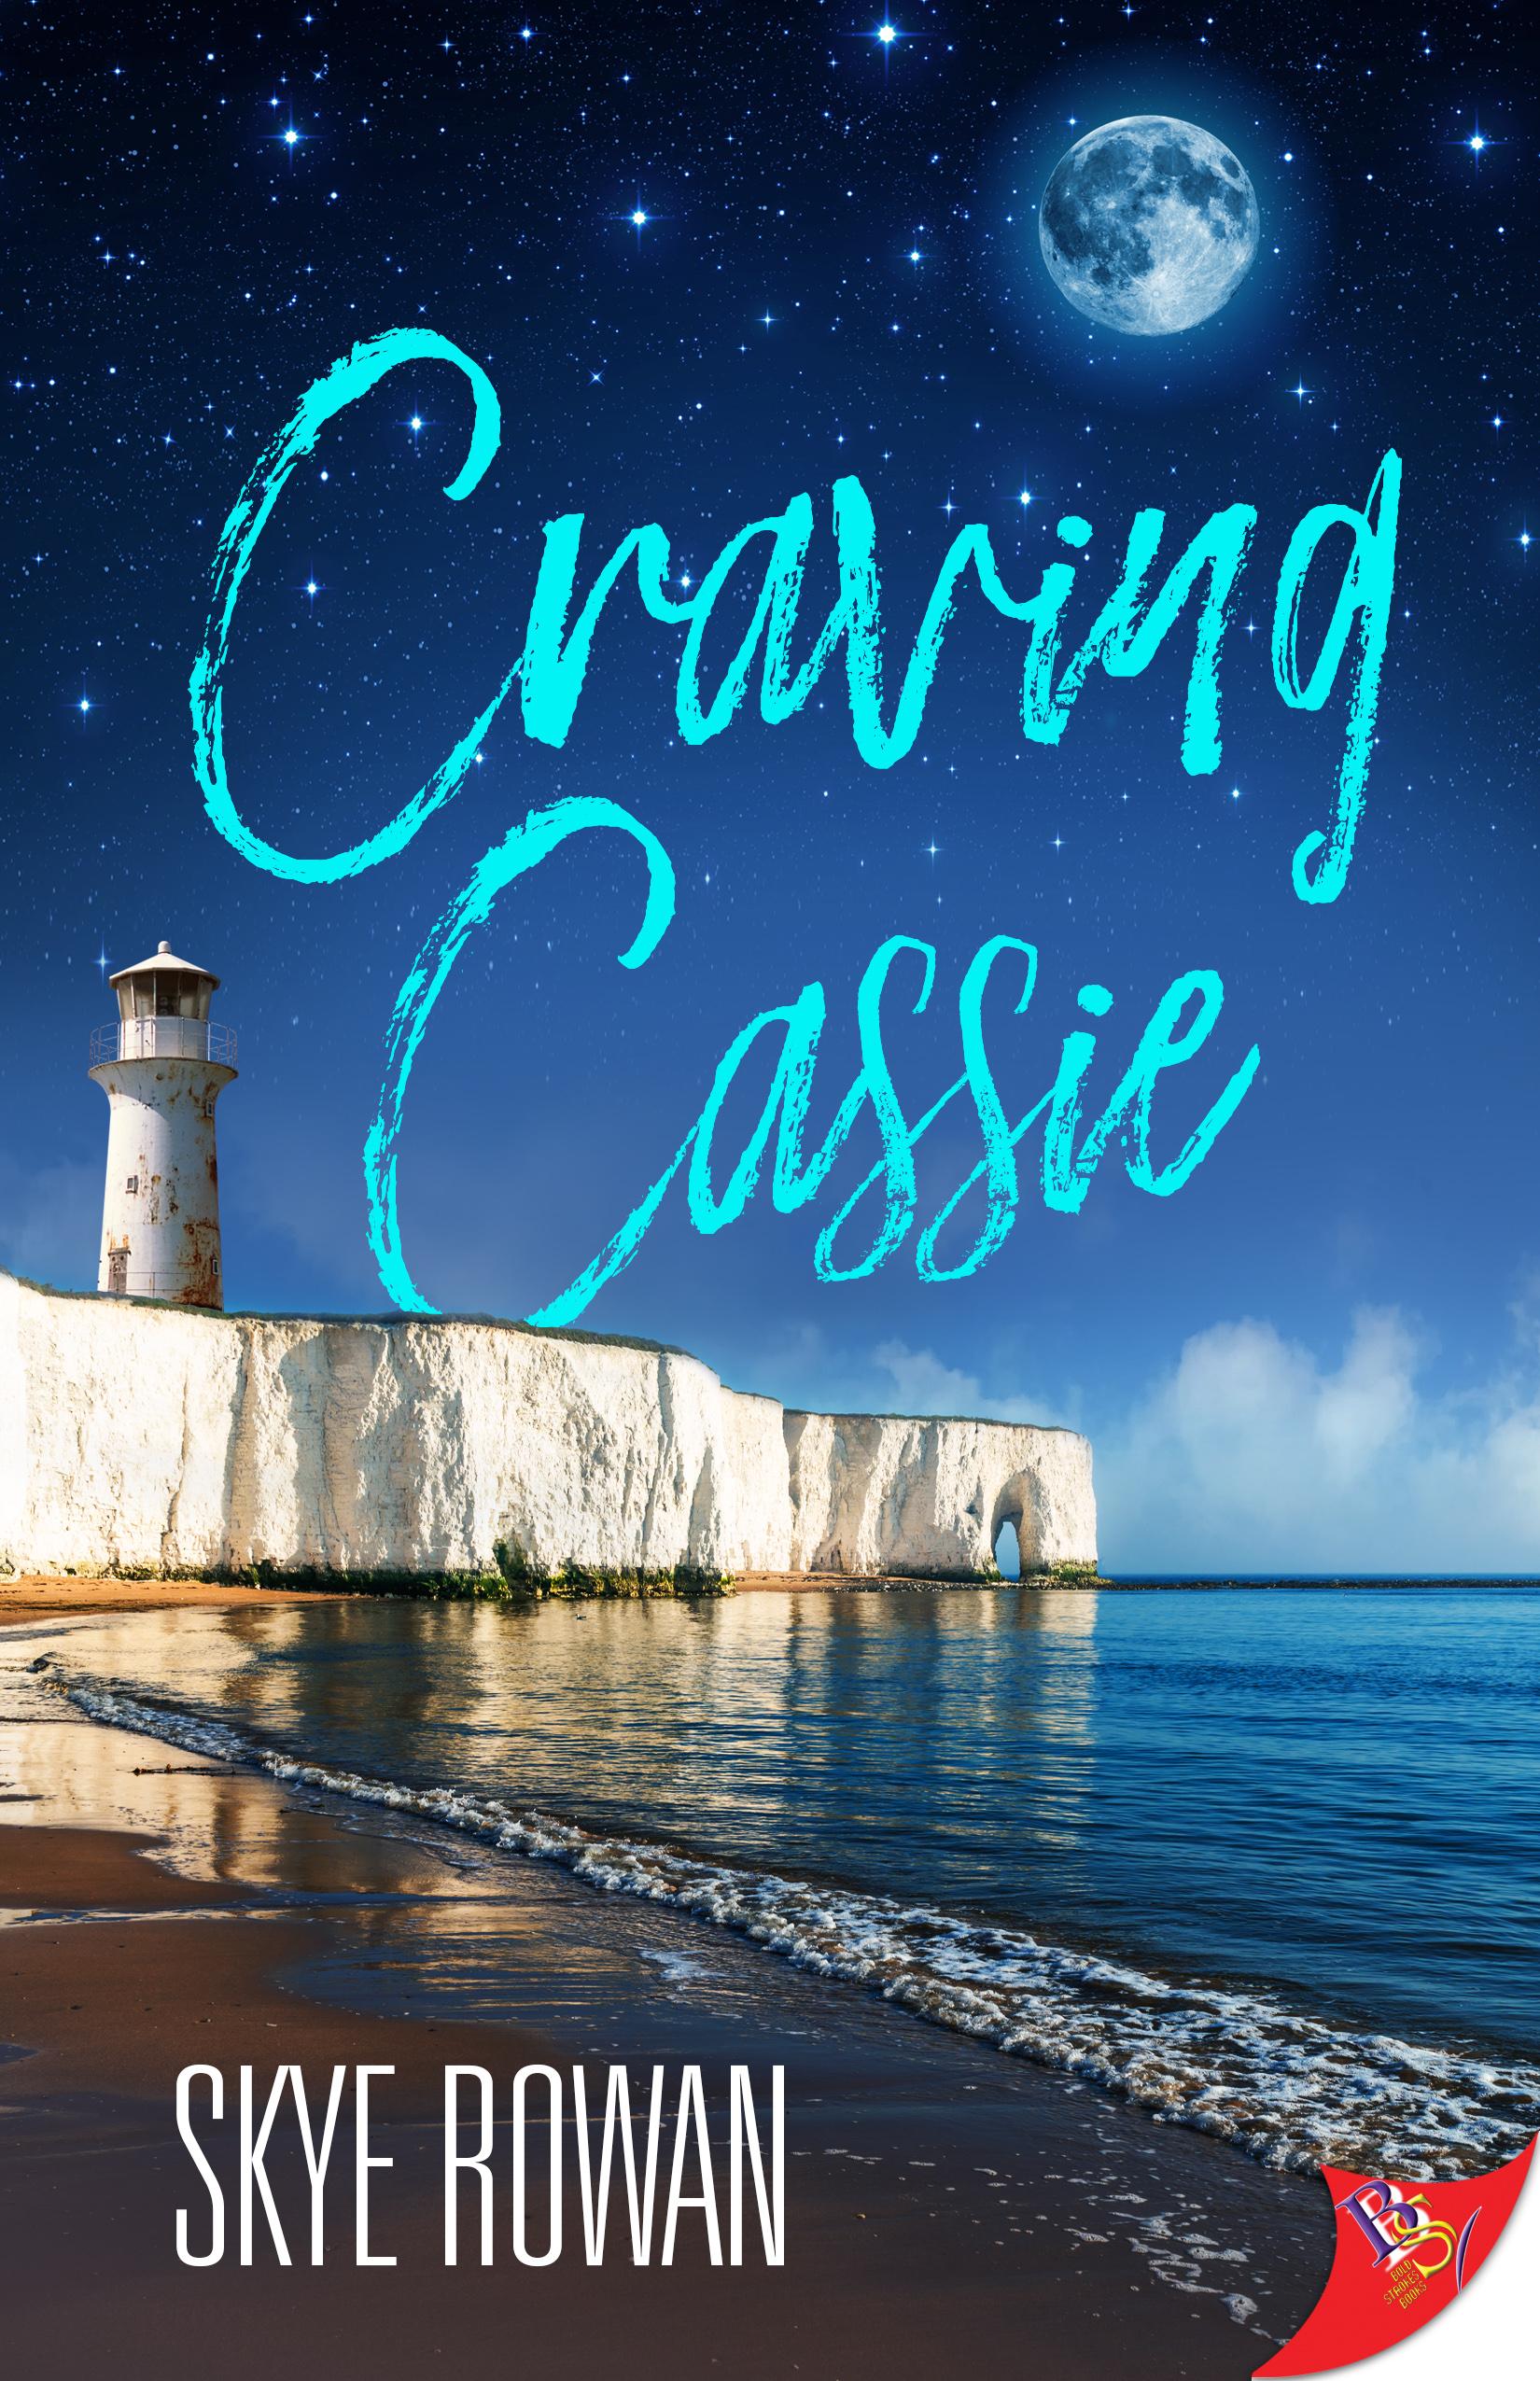 Craving Cassie